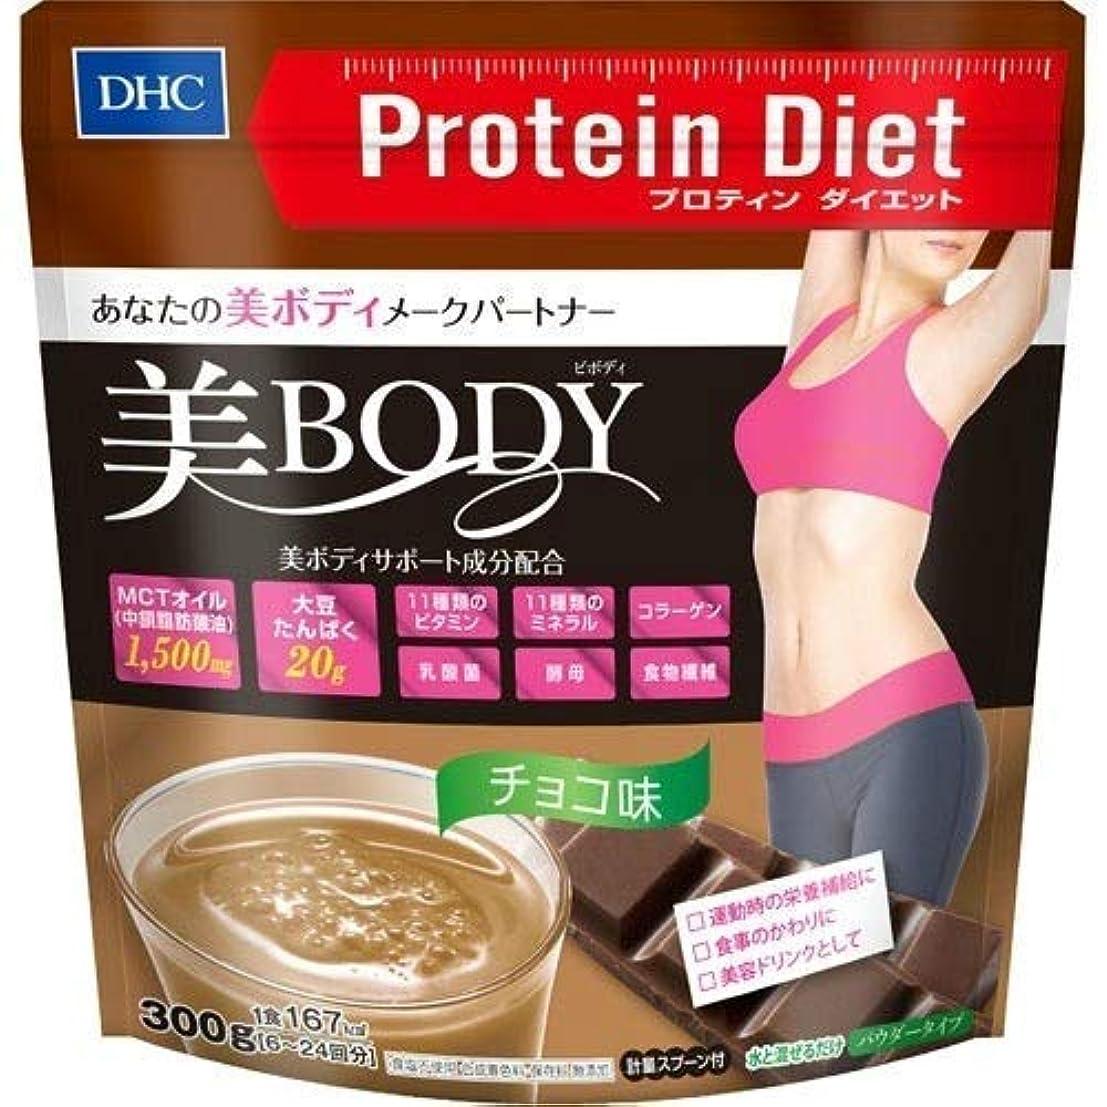 分析シマウマトラフィックDHC プロテインダイエット 美Body チョコ味 300g×2個